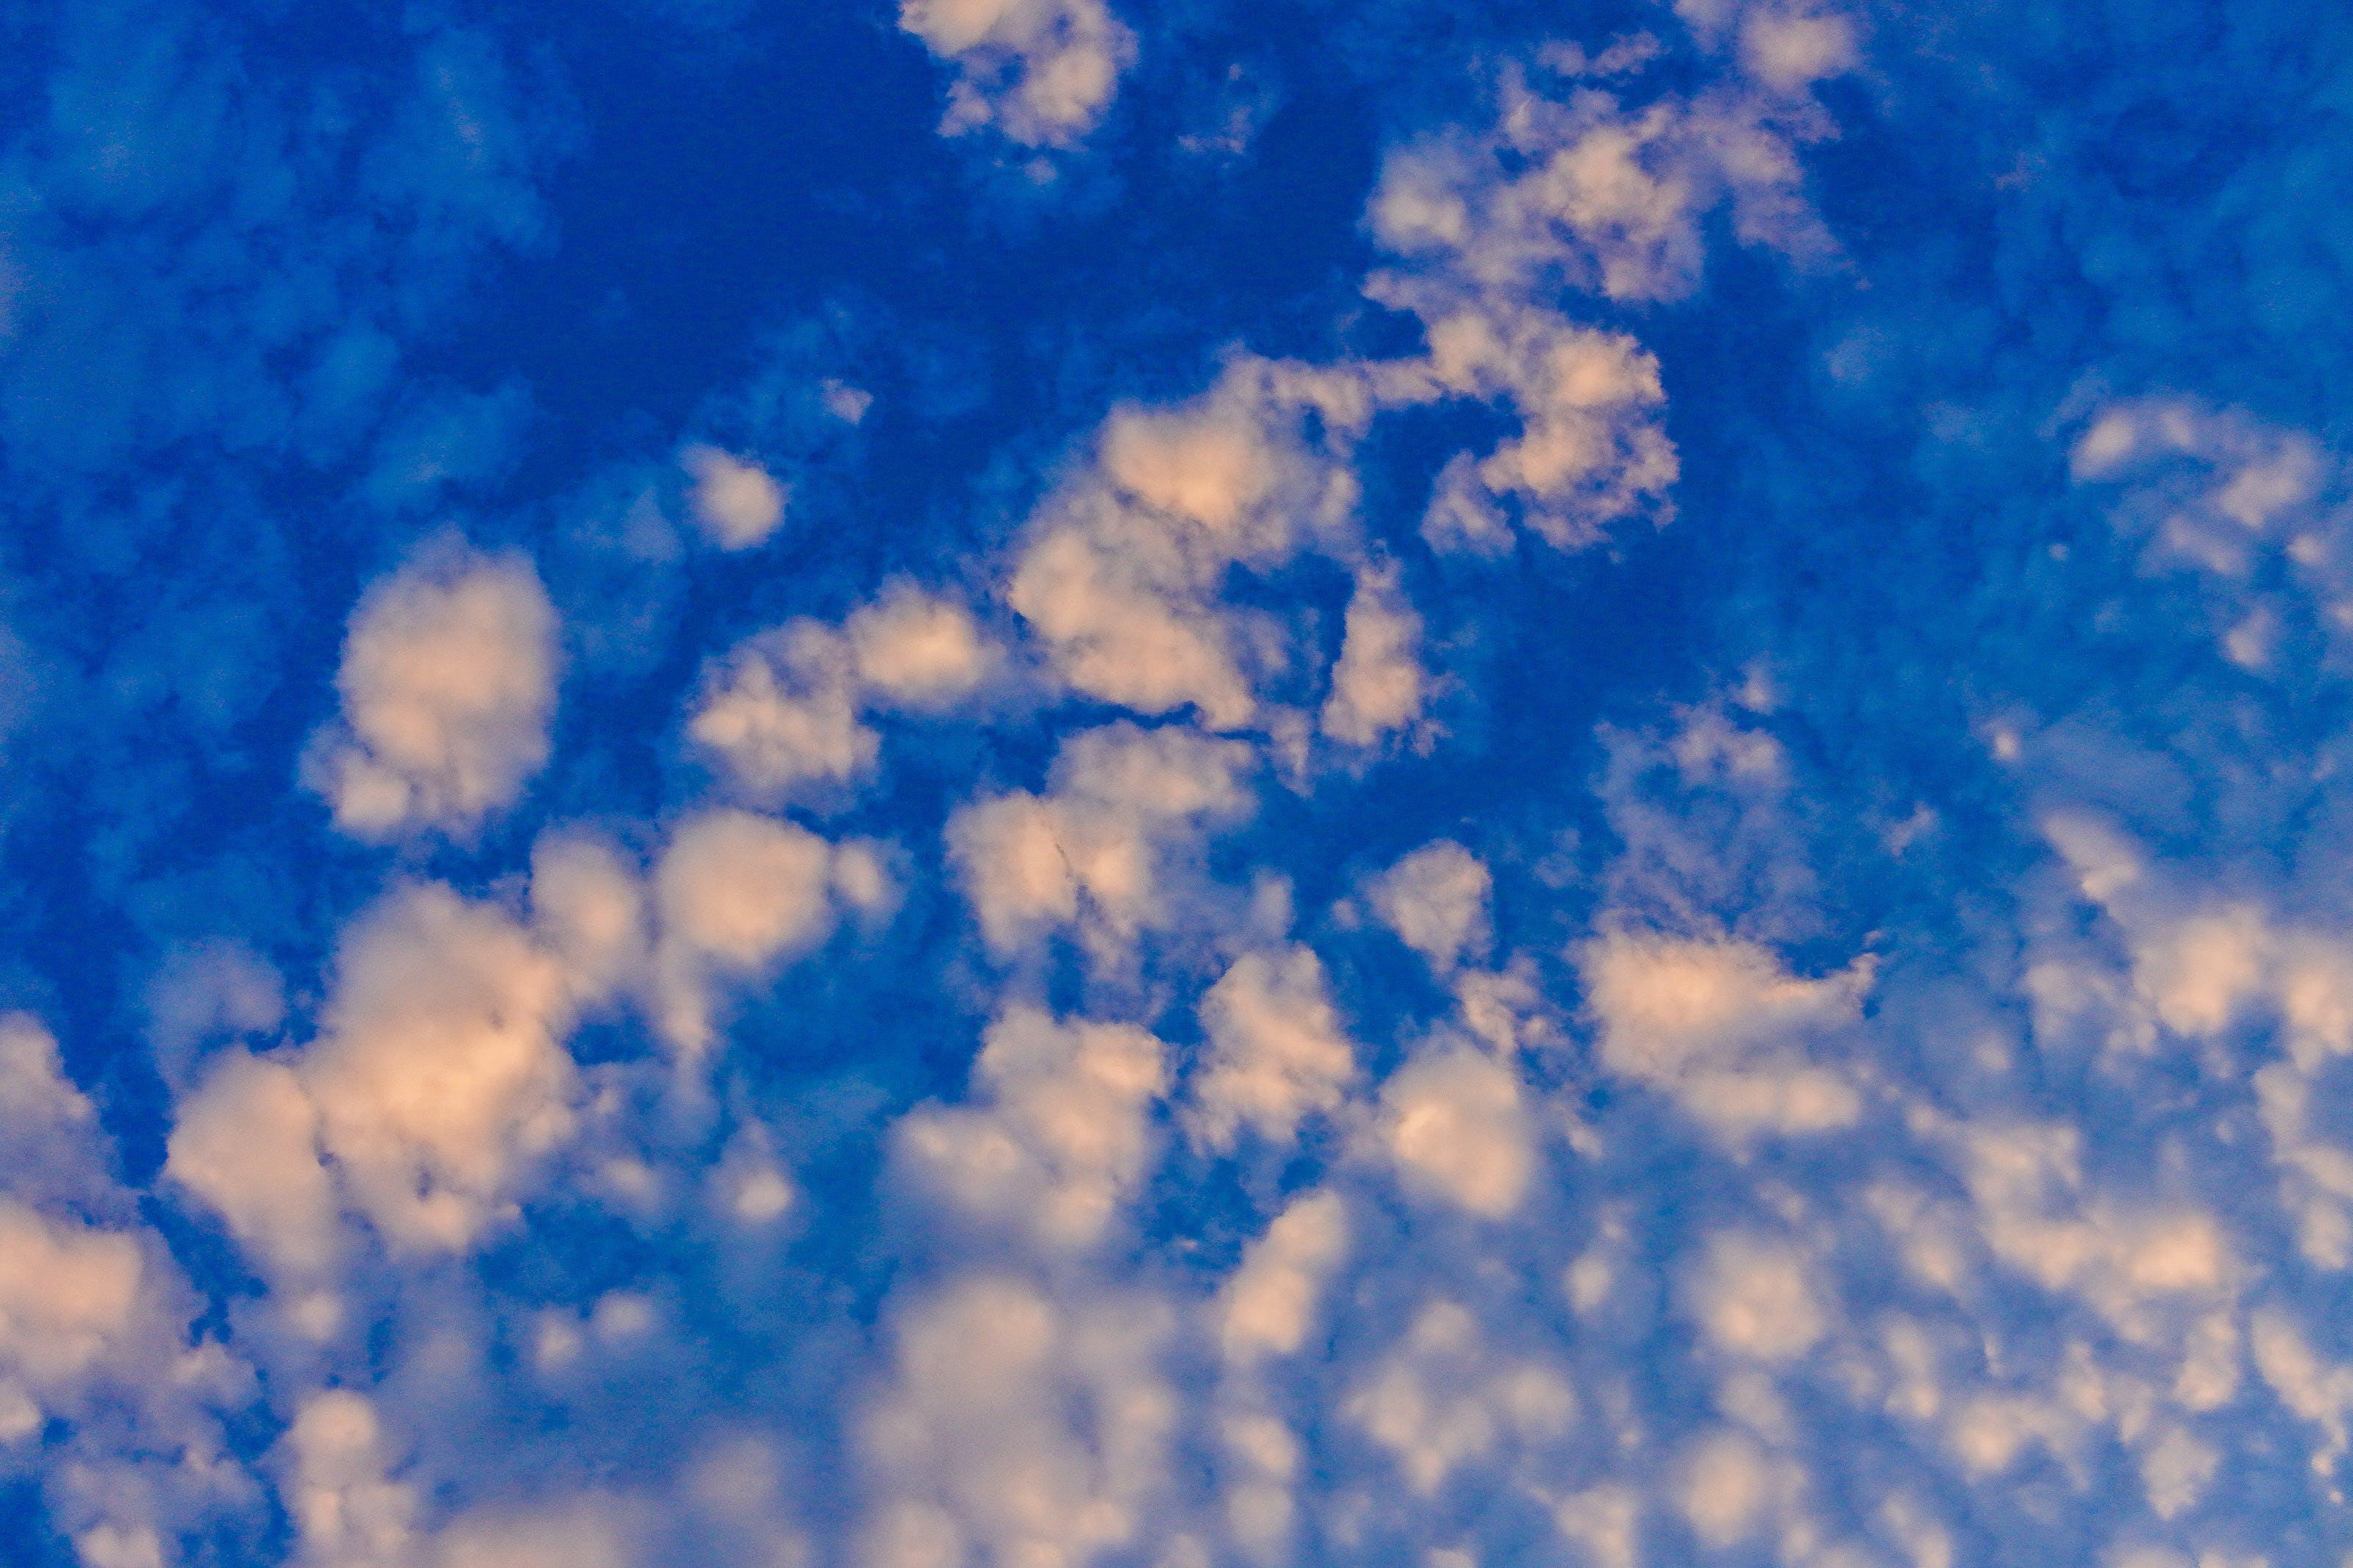 Kostenloses Stock Foto zu aussicht, bewölkt, blau, blauer himmel